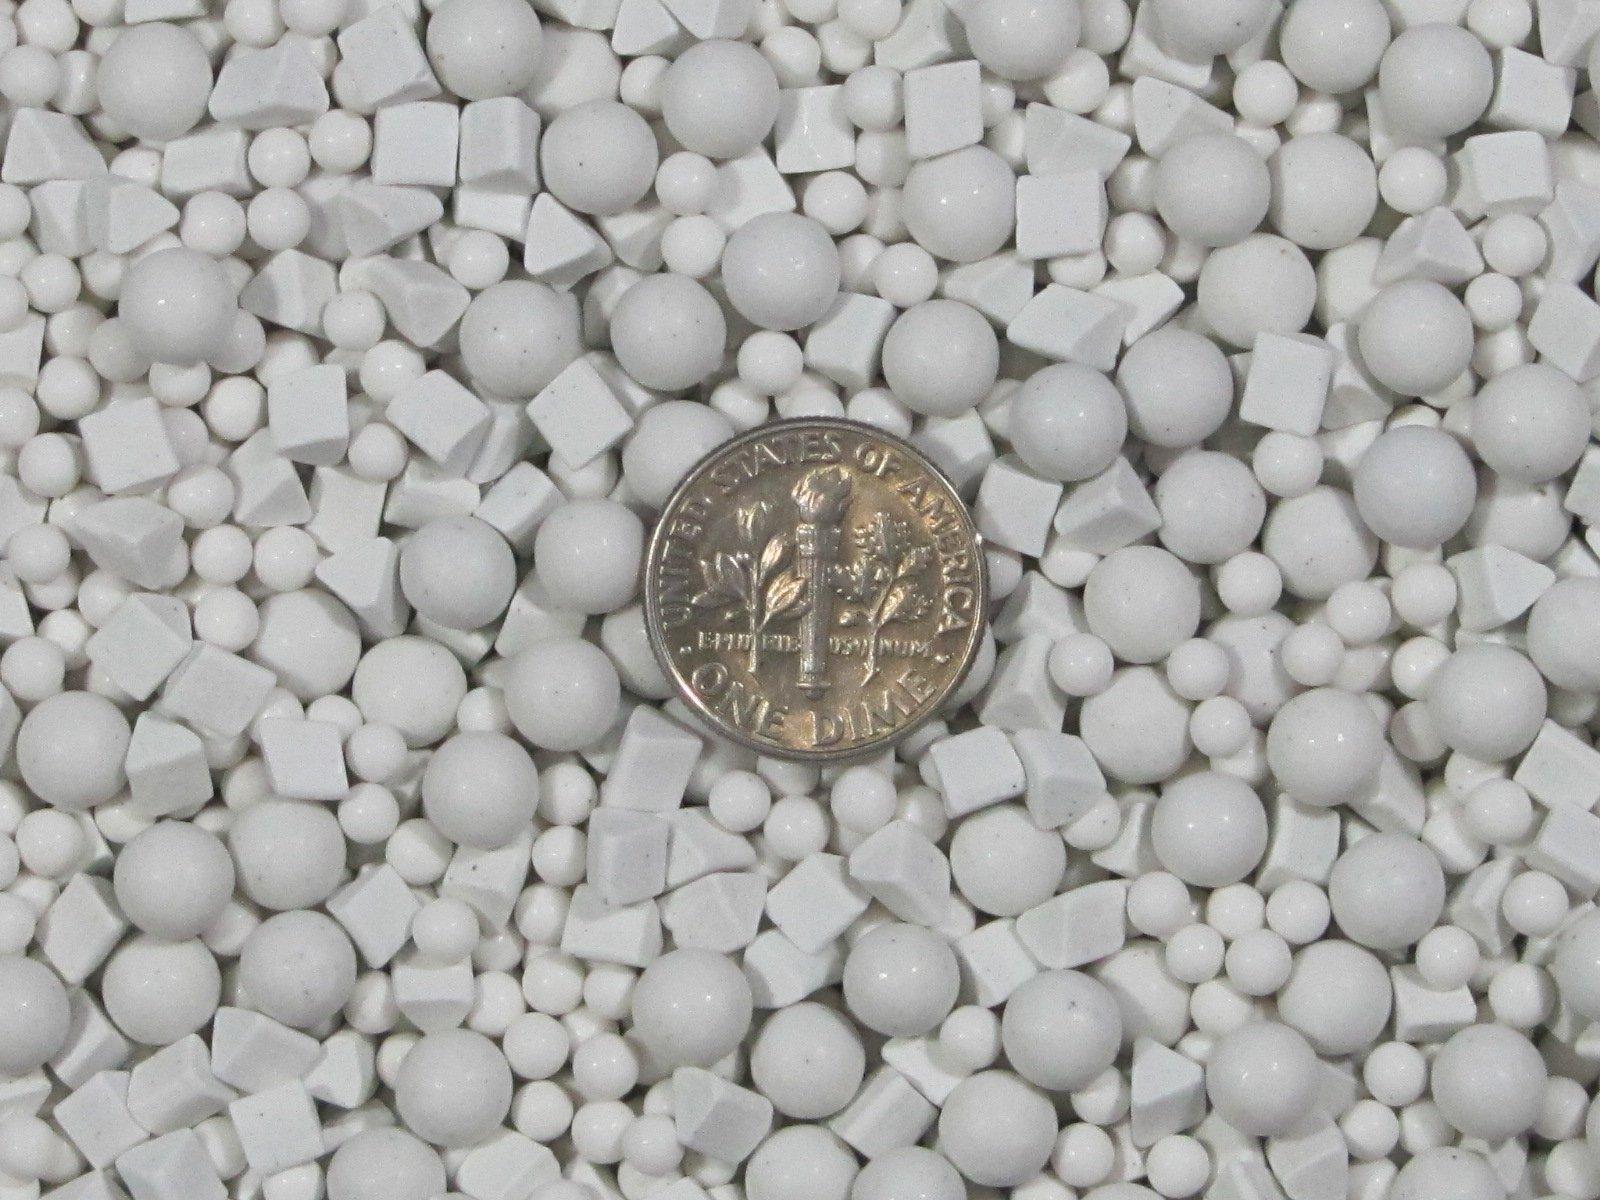 6 Lb. 3 mm & 6 mm Polishing Sphere & 4 mm X 4 mm Triangles Non-Abrasive Ceramic Tumbling Tumbler Tumble Media